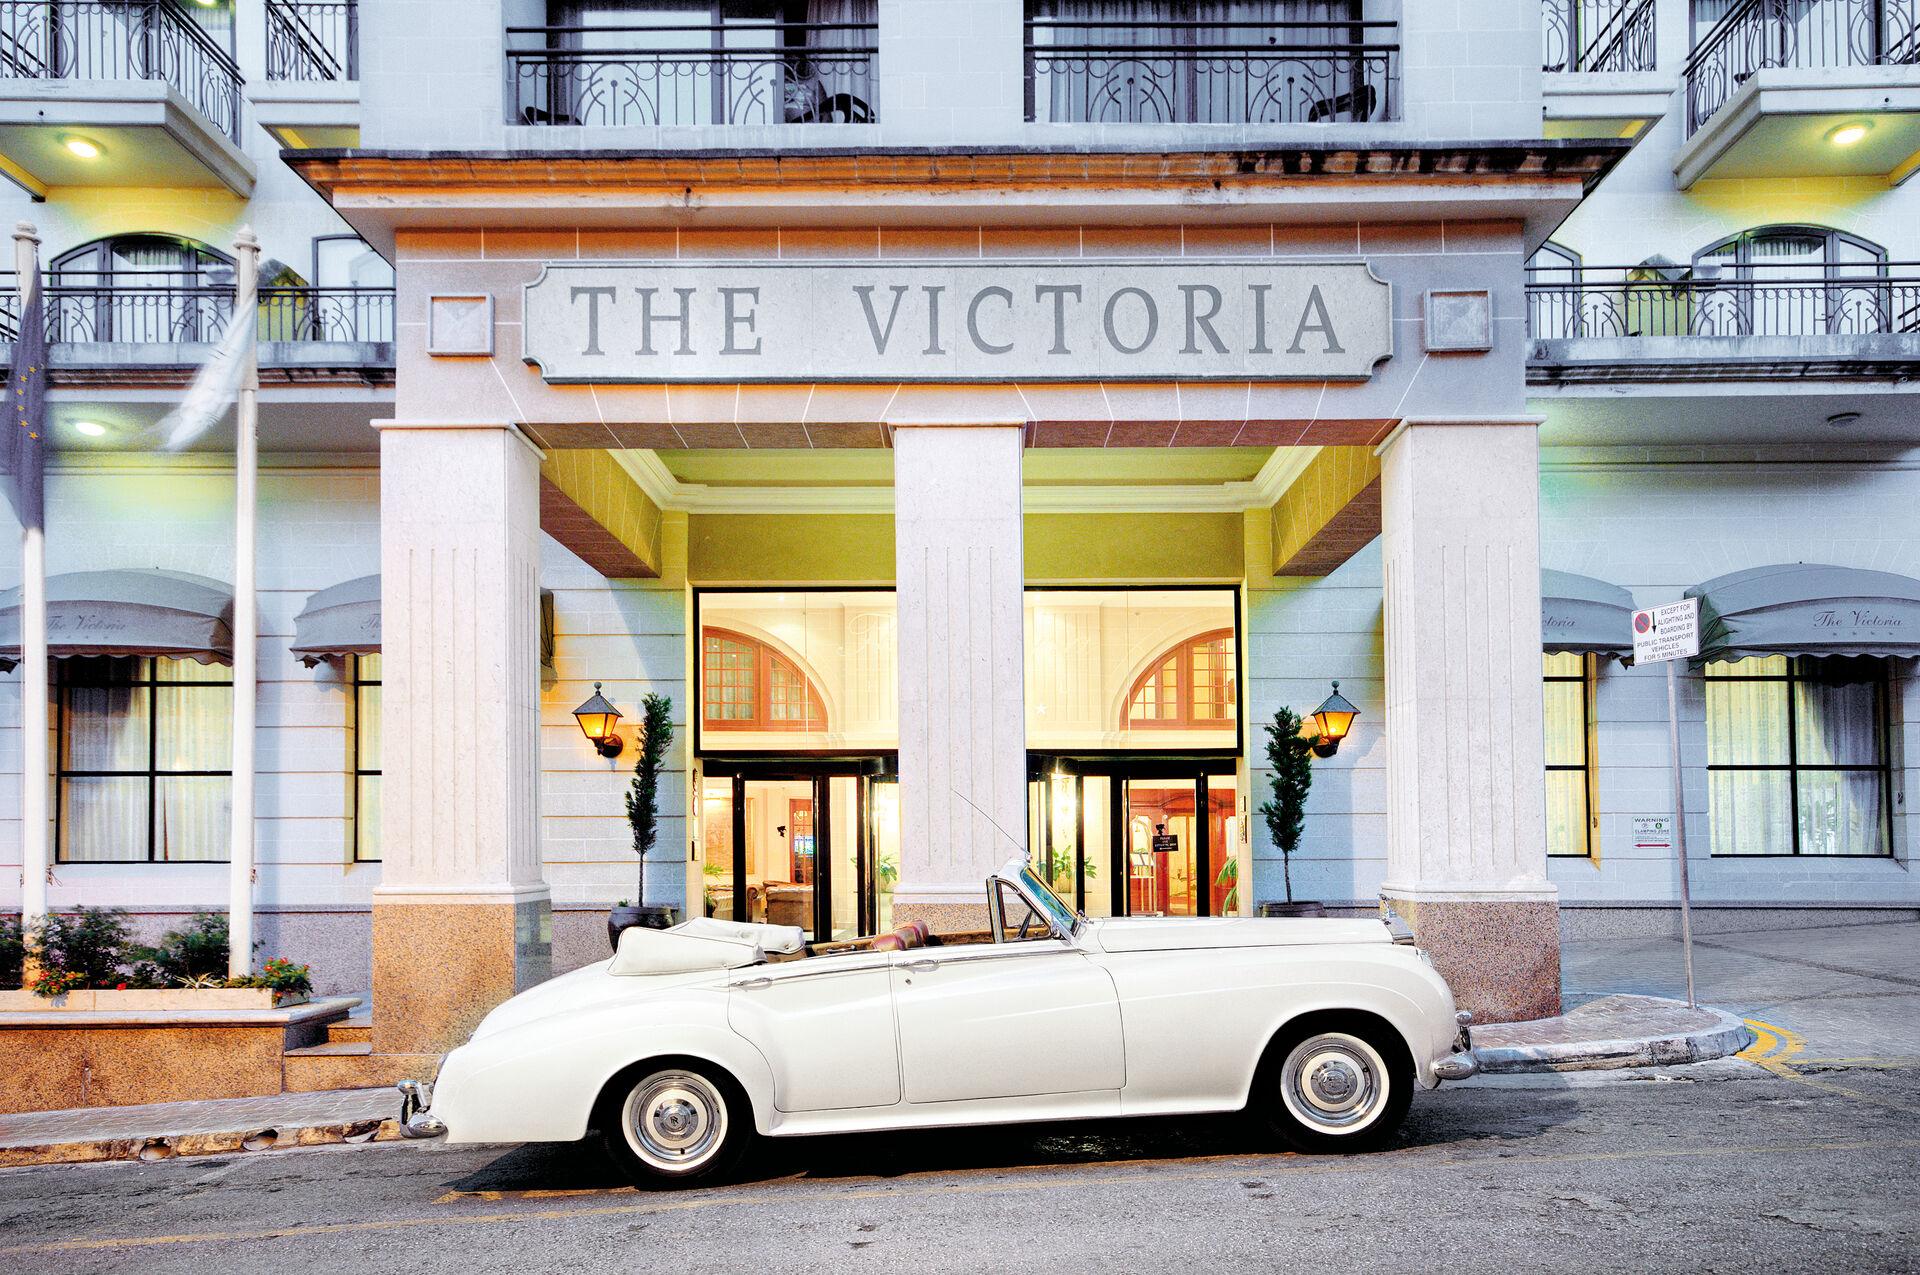 AX - The Victoria Hotel - 4*